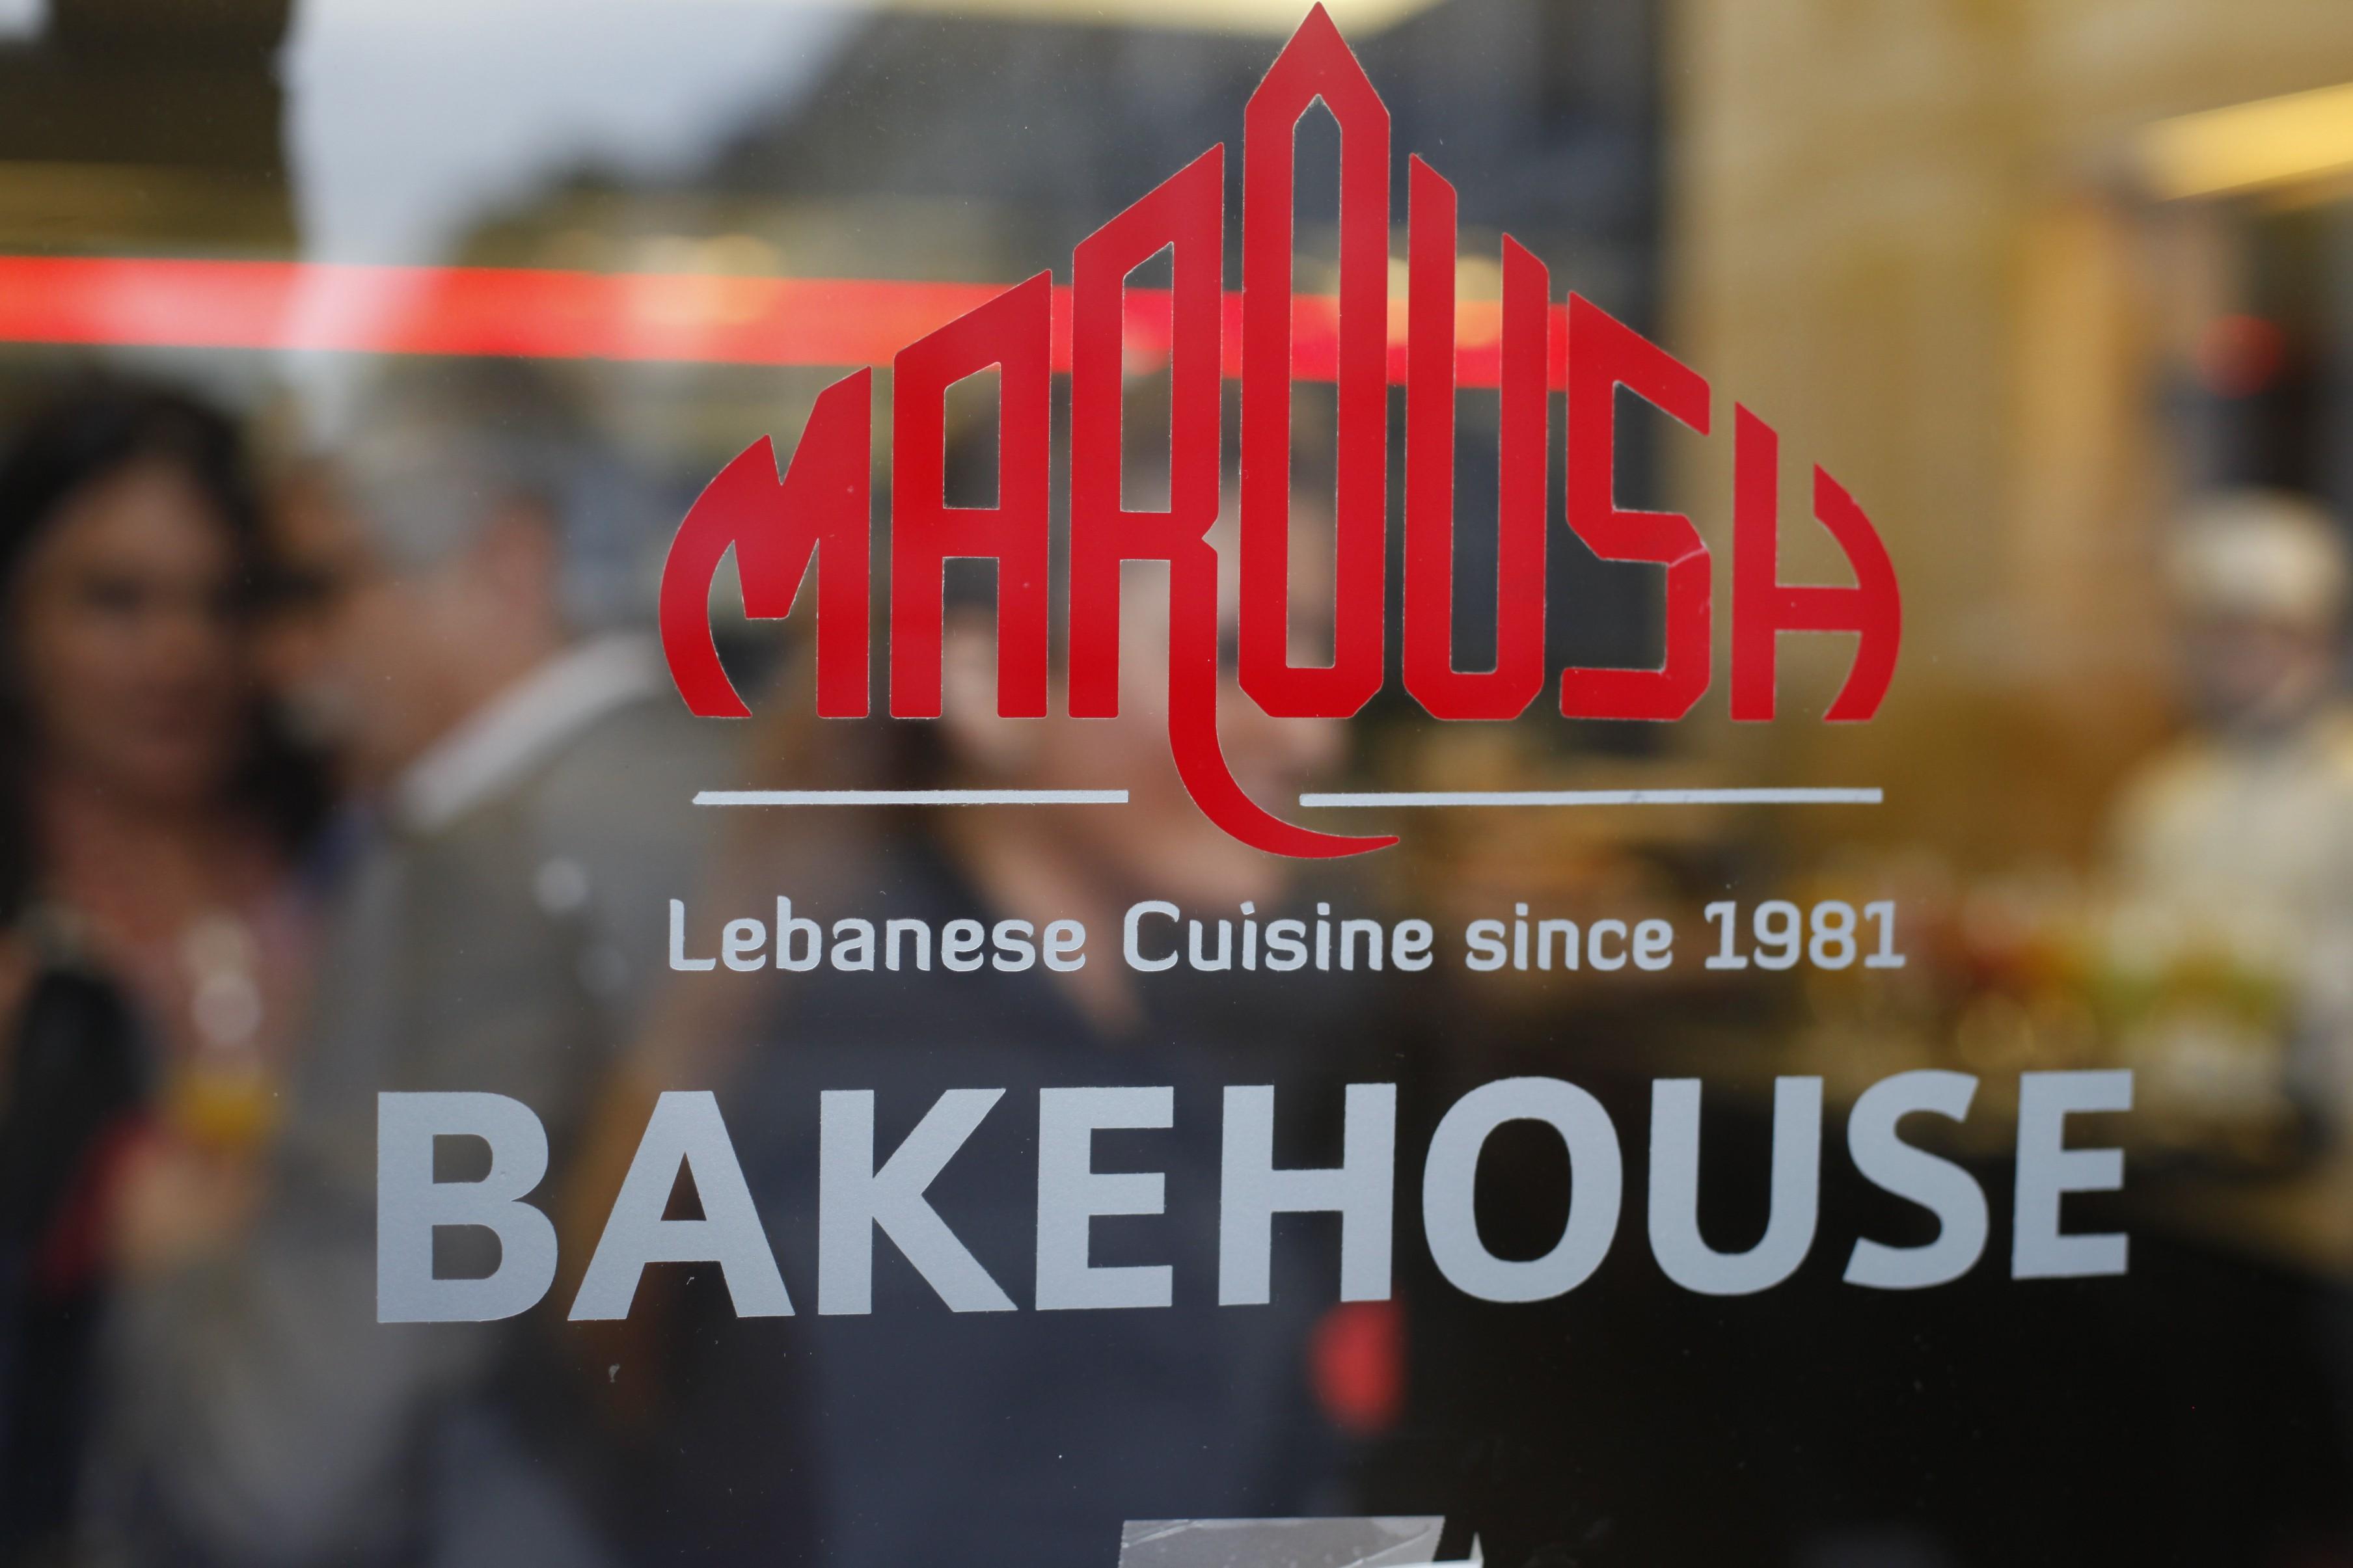 Maroush Outside 213